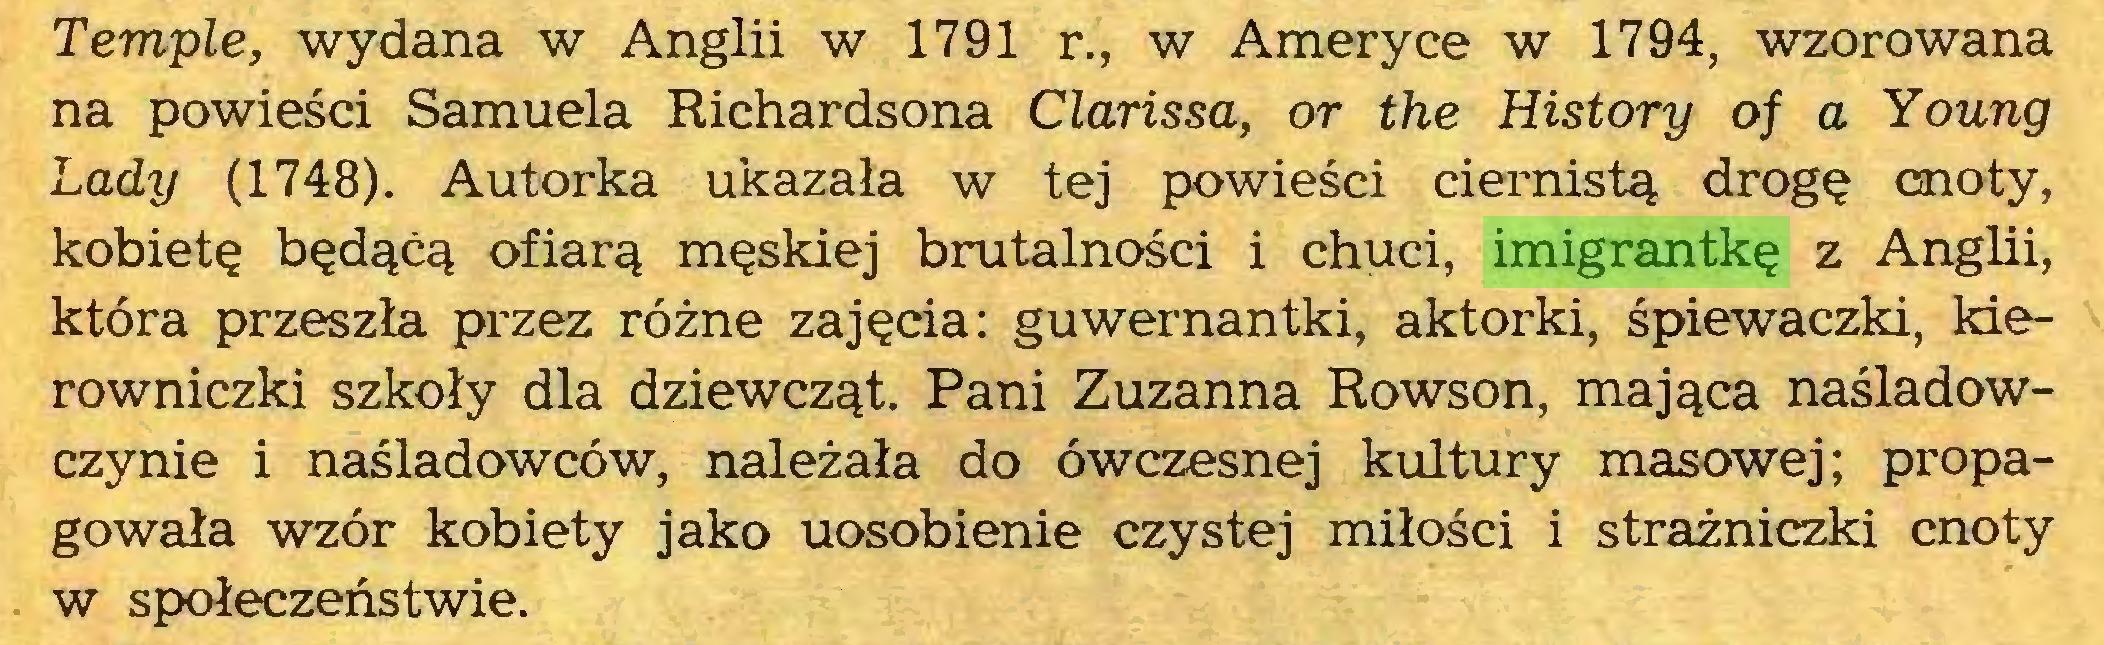 (...) Tempie, wydana w Anglii w 1791 r., w Ameryce w 1794, wzorowana na powieści Samuela Richardsona Clarissa, or the History of a Young Lady (1748). Autorka ukazała w tej powieści ciernistą drogę cnoty, kobietę będącą ofiarą męskiej brutalności i chuci, imigrantkę z Anglii, która przeszła przez różne zajęcia: guwernantki, aktorki, śpiewaczki, kierowniczki szkoły dla dziewcząt. Pani Zuzanna Rowson, mająca naśladowczynie i naśladowców, należała do ówczesnej kultury masowej; propagowała wzór kobiety jako uosobienie czystej miłości i strażniczki cnoty w społeczeństwie...